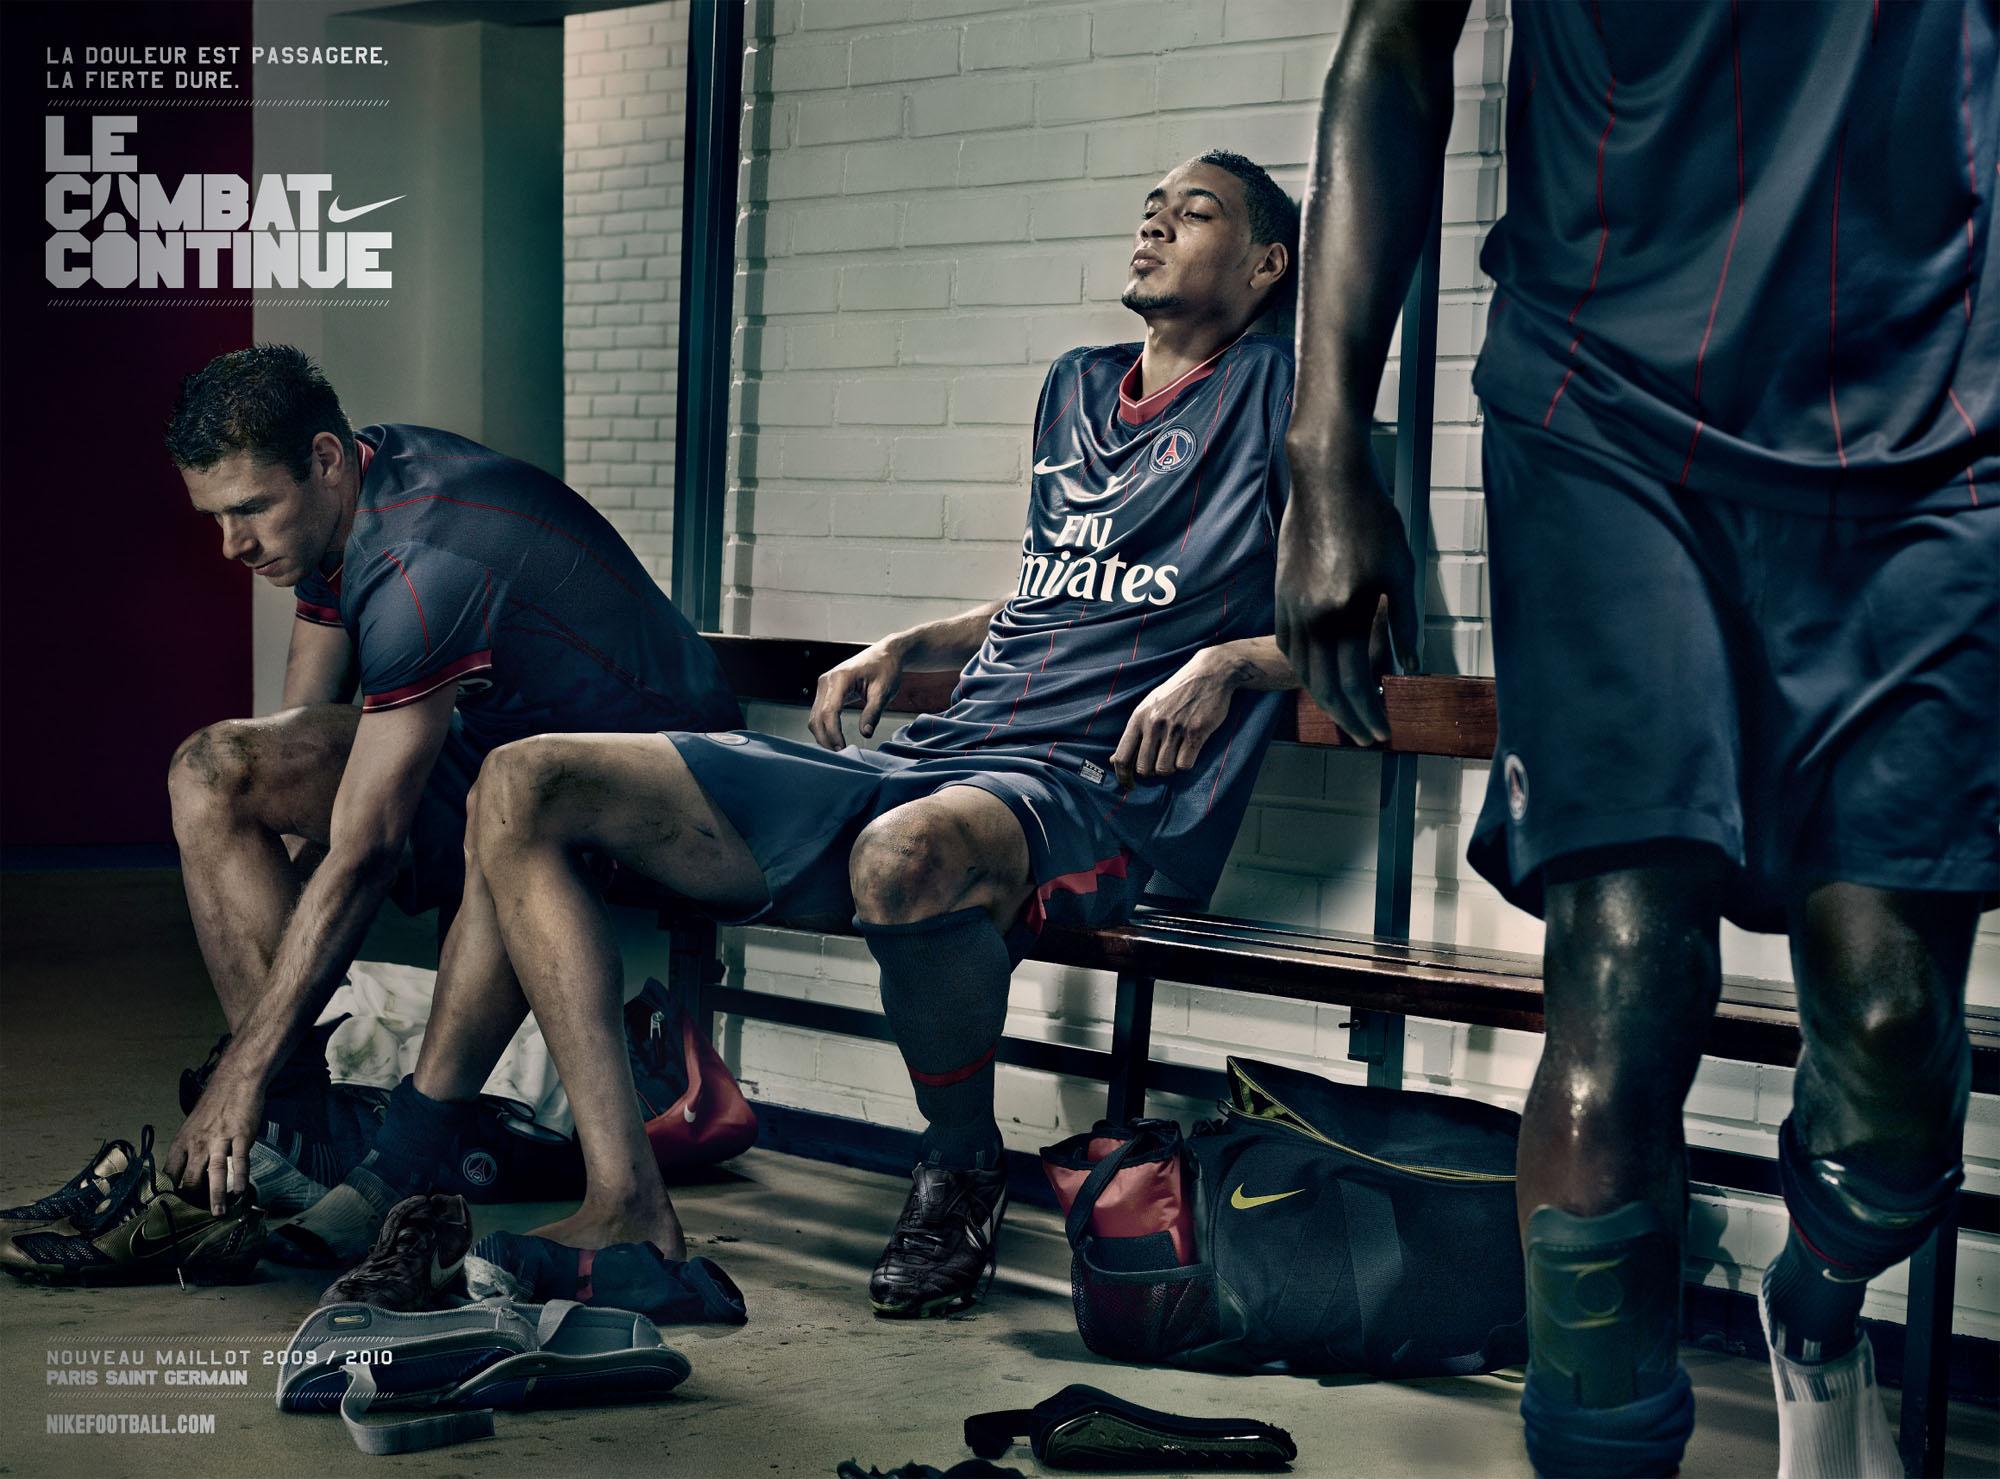 NFRCOM09145_NikeFR_Locker_Hor_v2_high_o.jpg